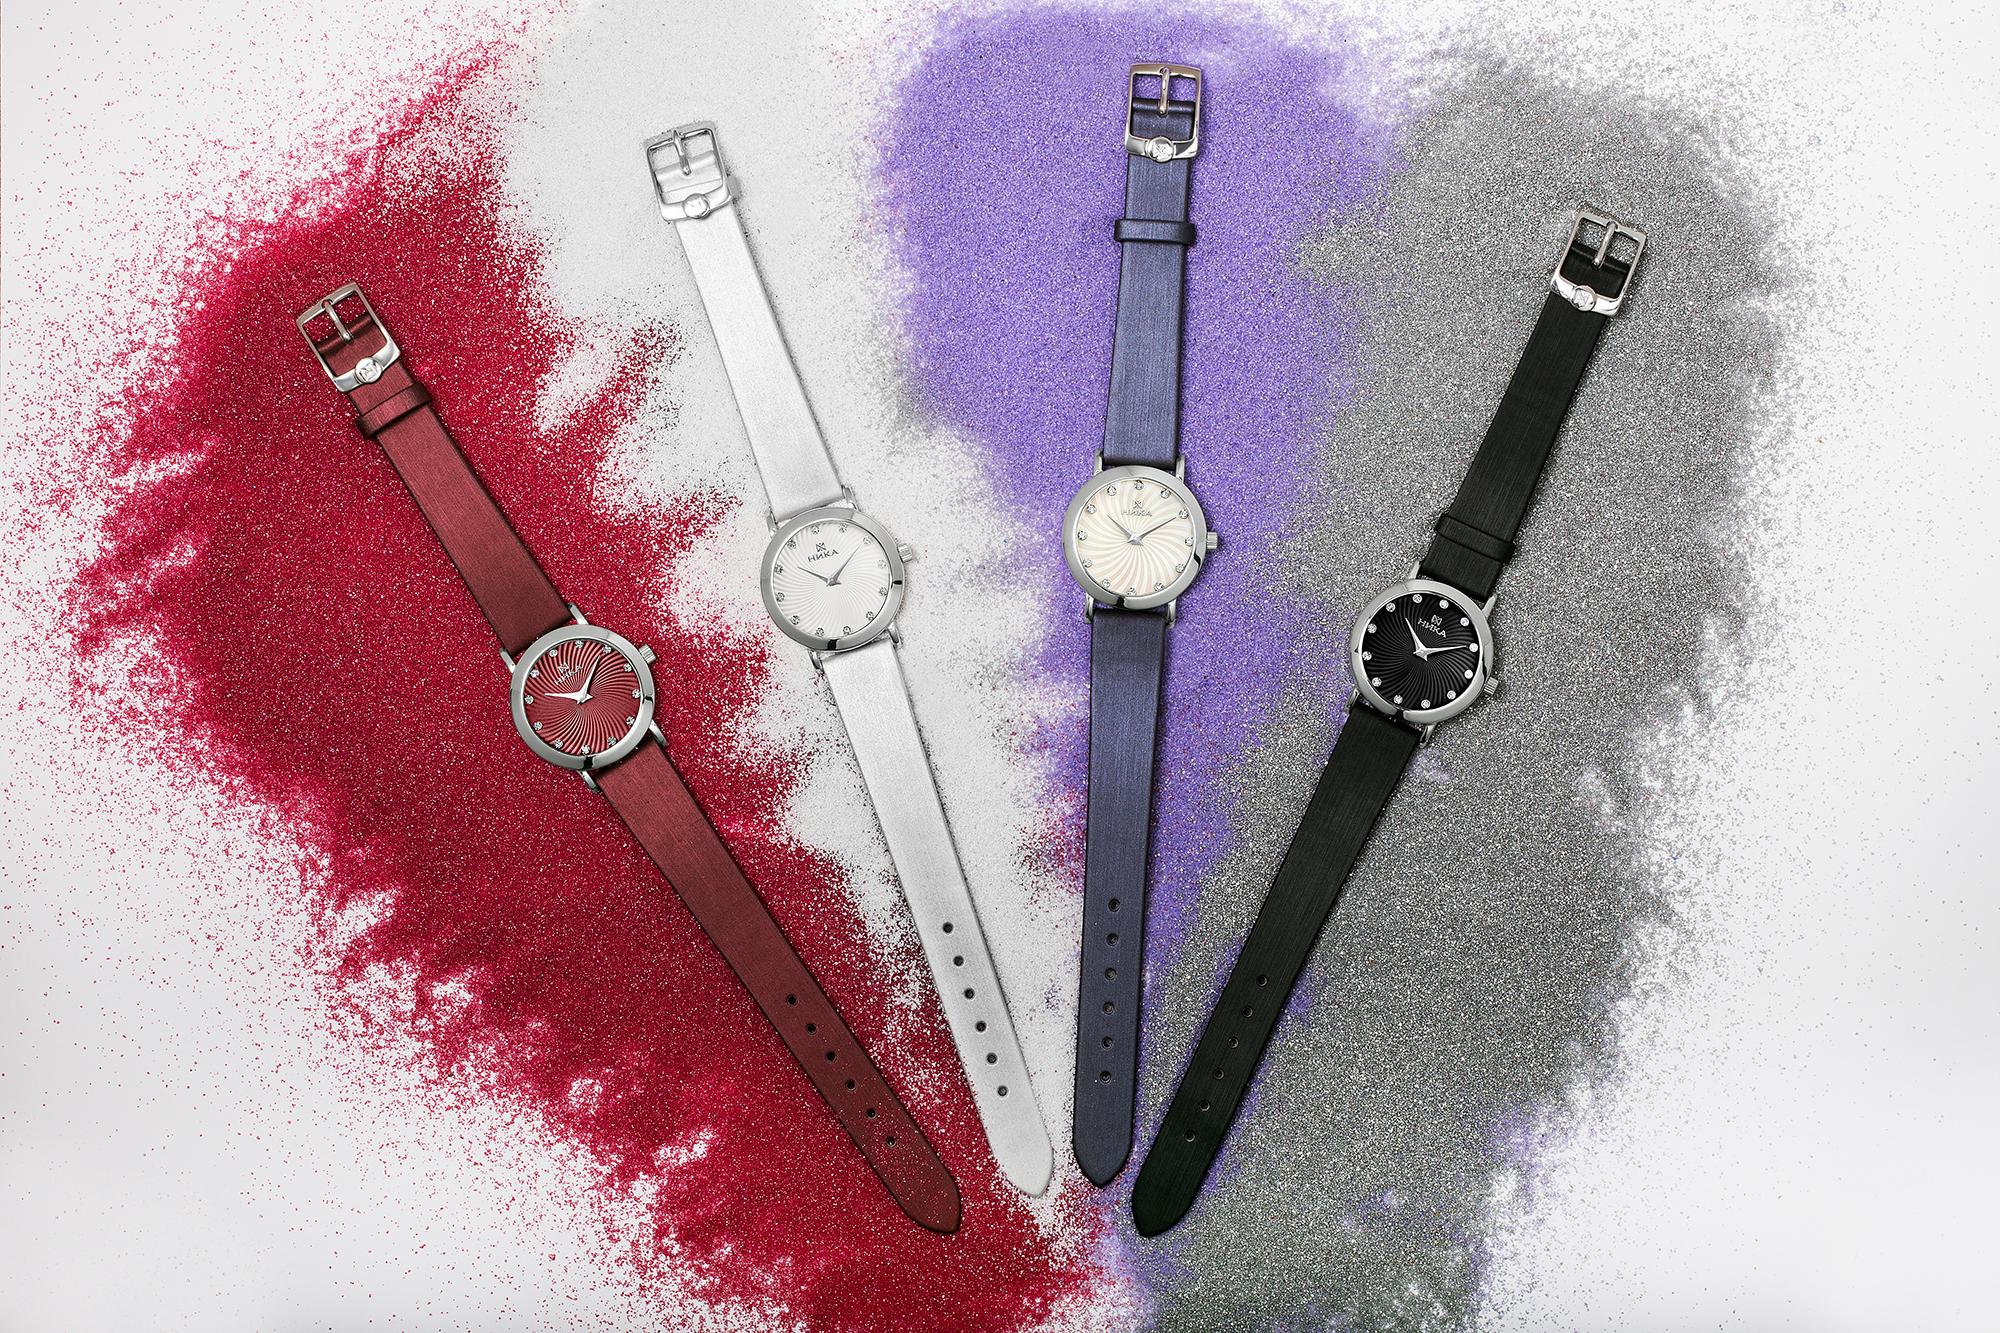 НИКА представляет осеннюю коллекцию женских часов Slimline